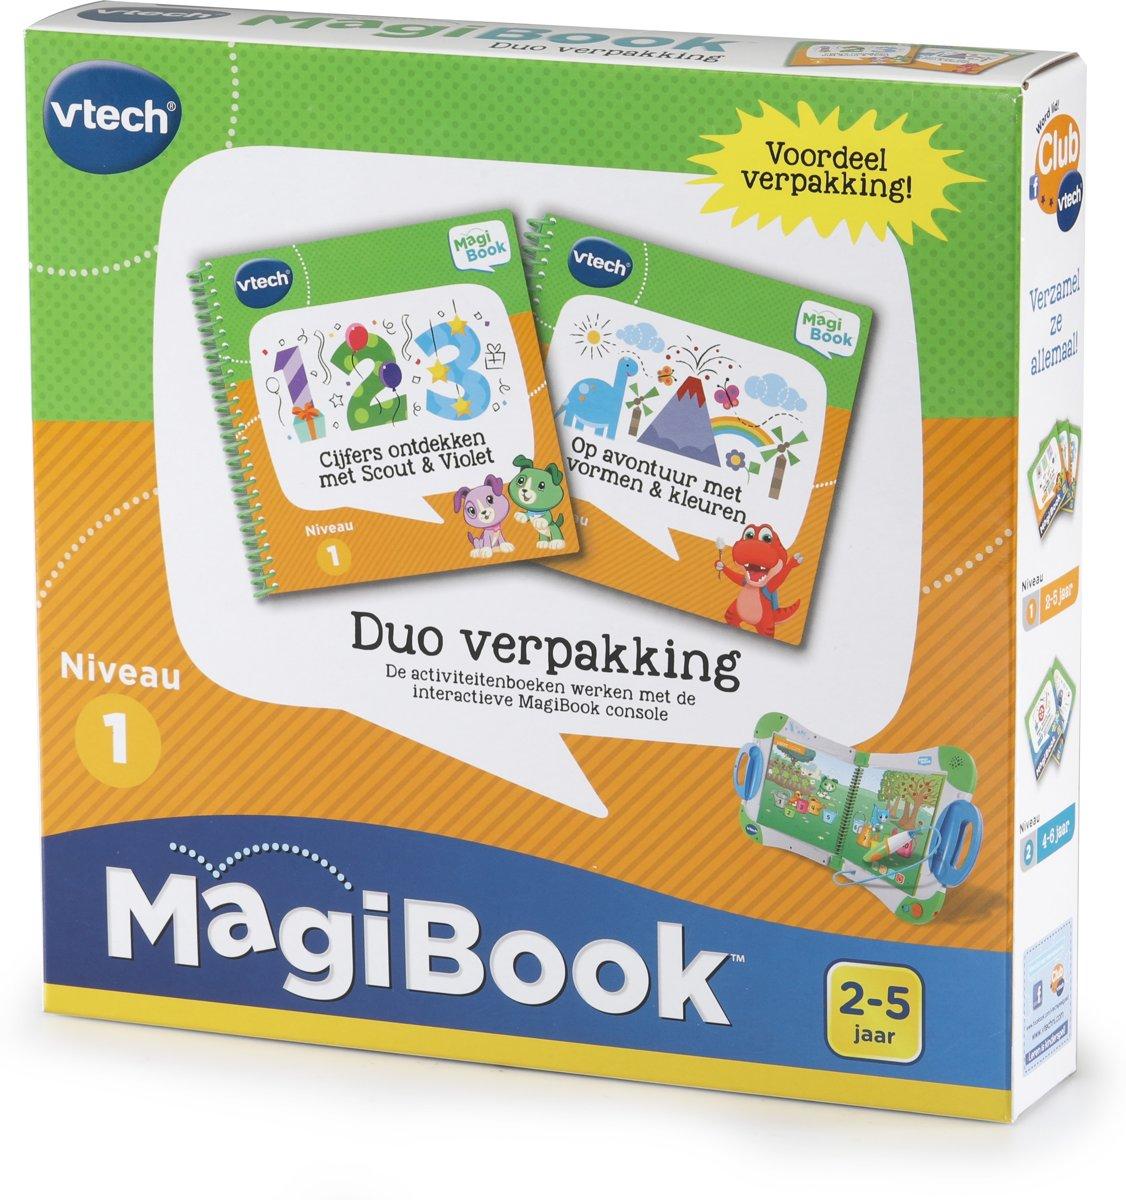 Voordeelbundel Magibook 2-5 jaar - 2 activiteitenboeken voor €7,43